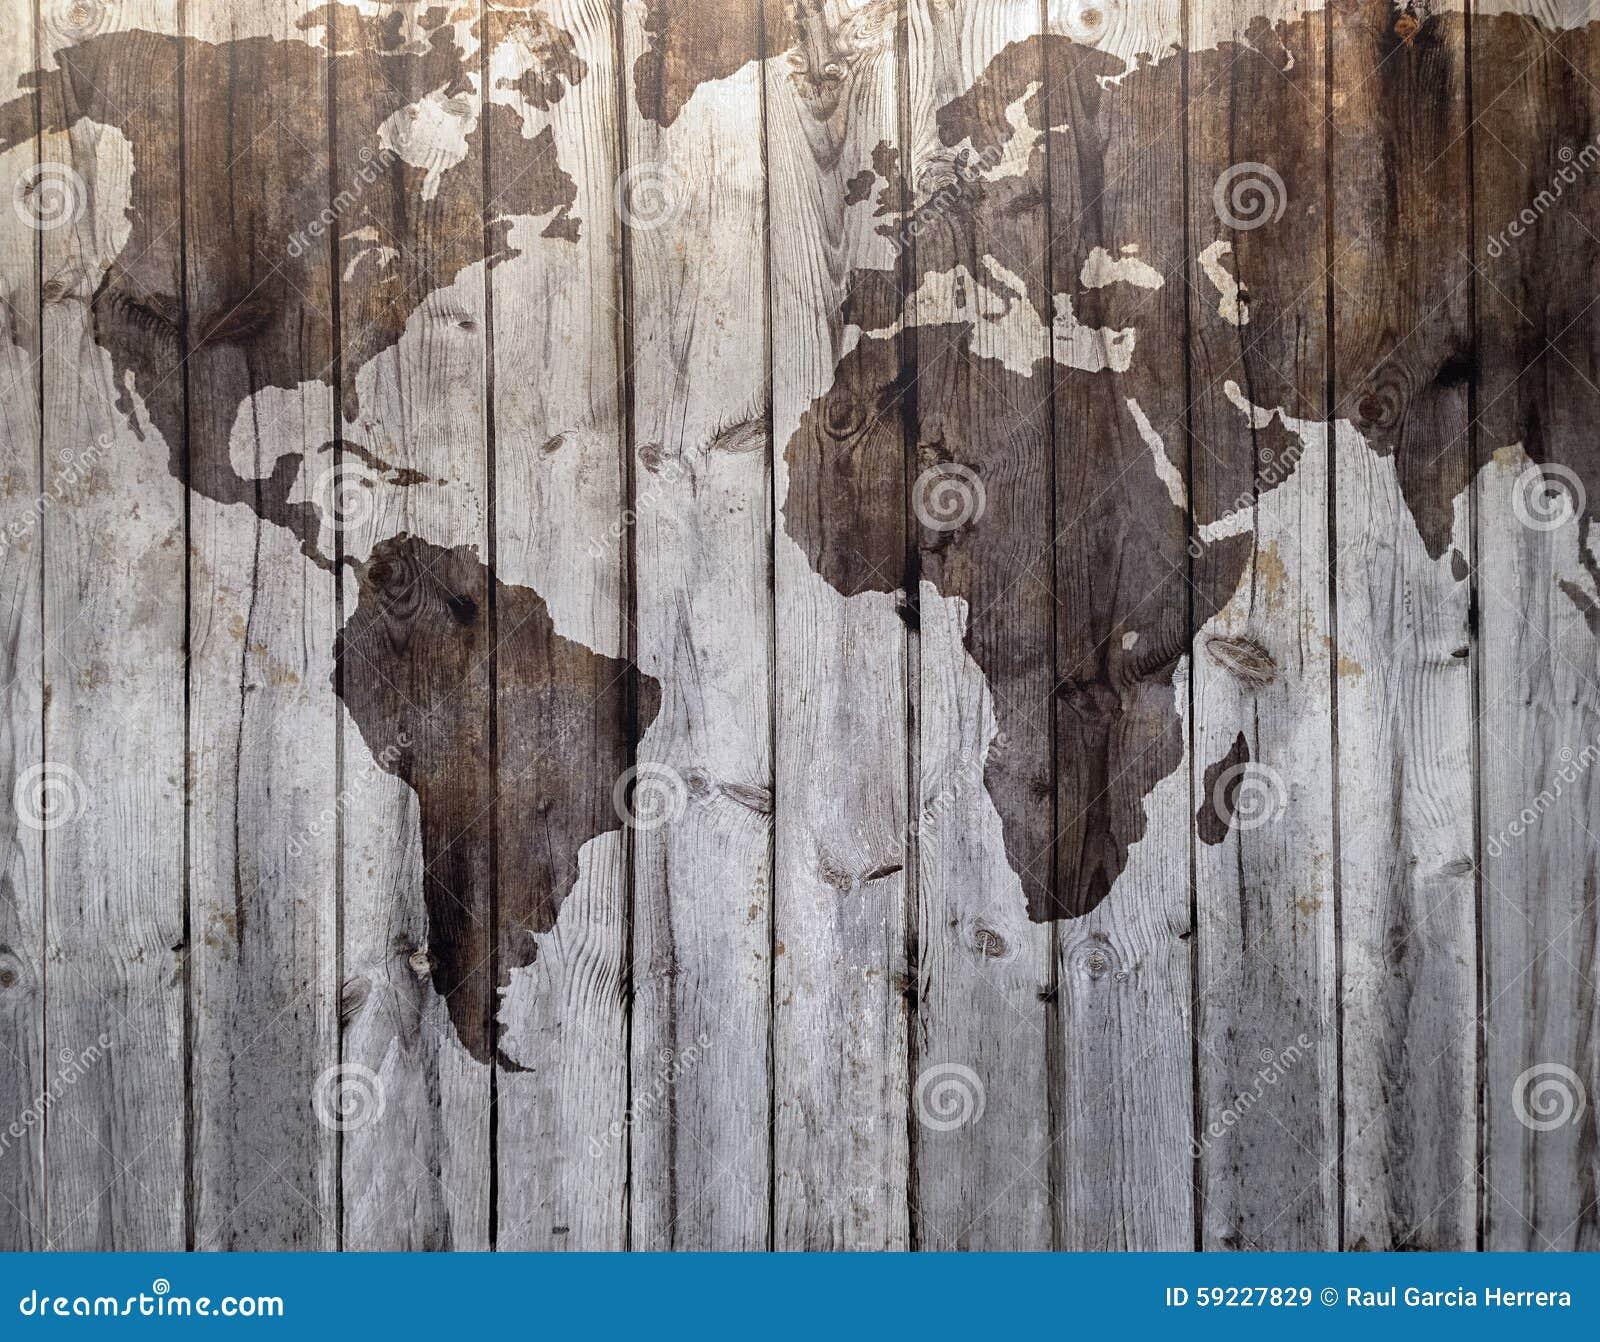 carte du monde dessin e sur l 39 effet en bois de toile photo stock image 59227829. Black Bedroom Furniture Sets. Home Design Ideas